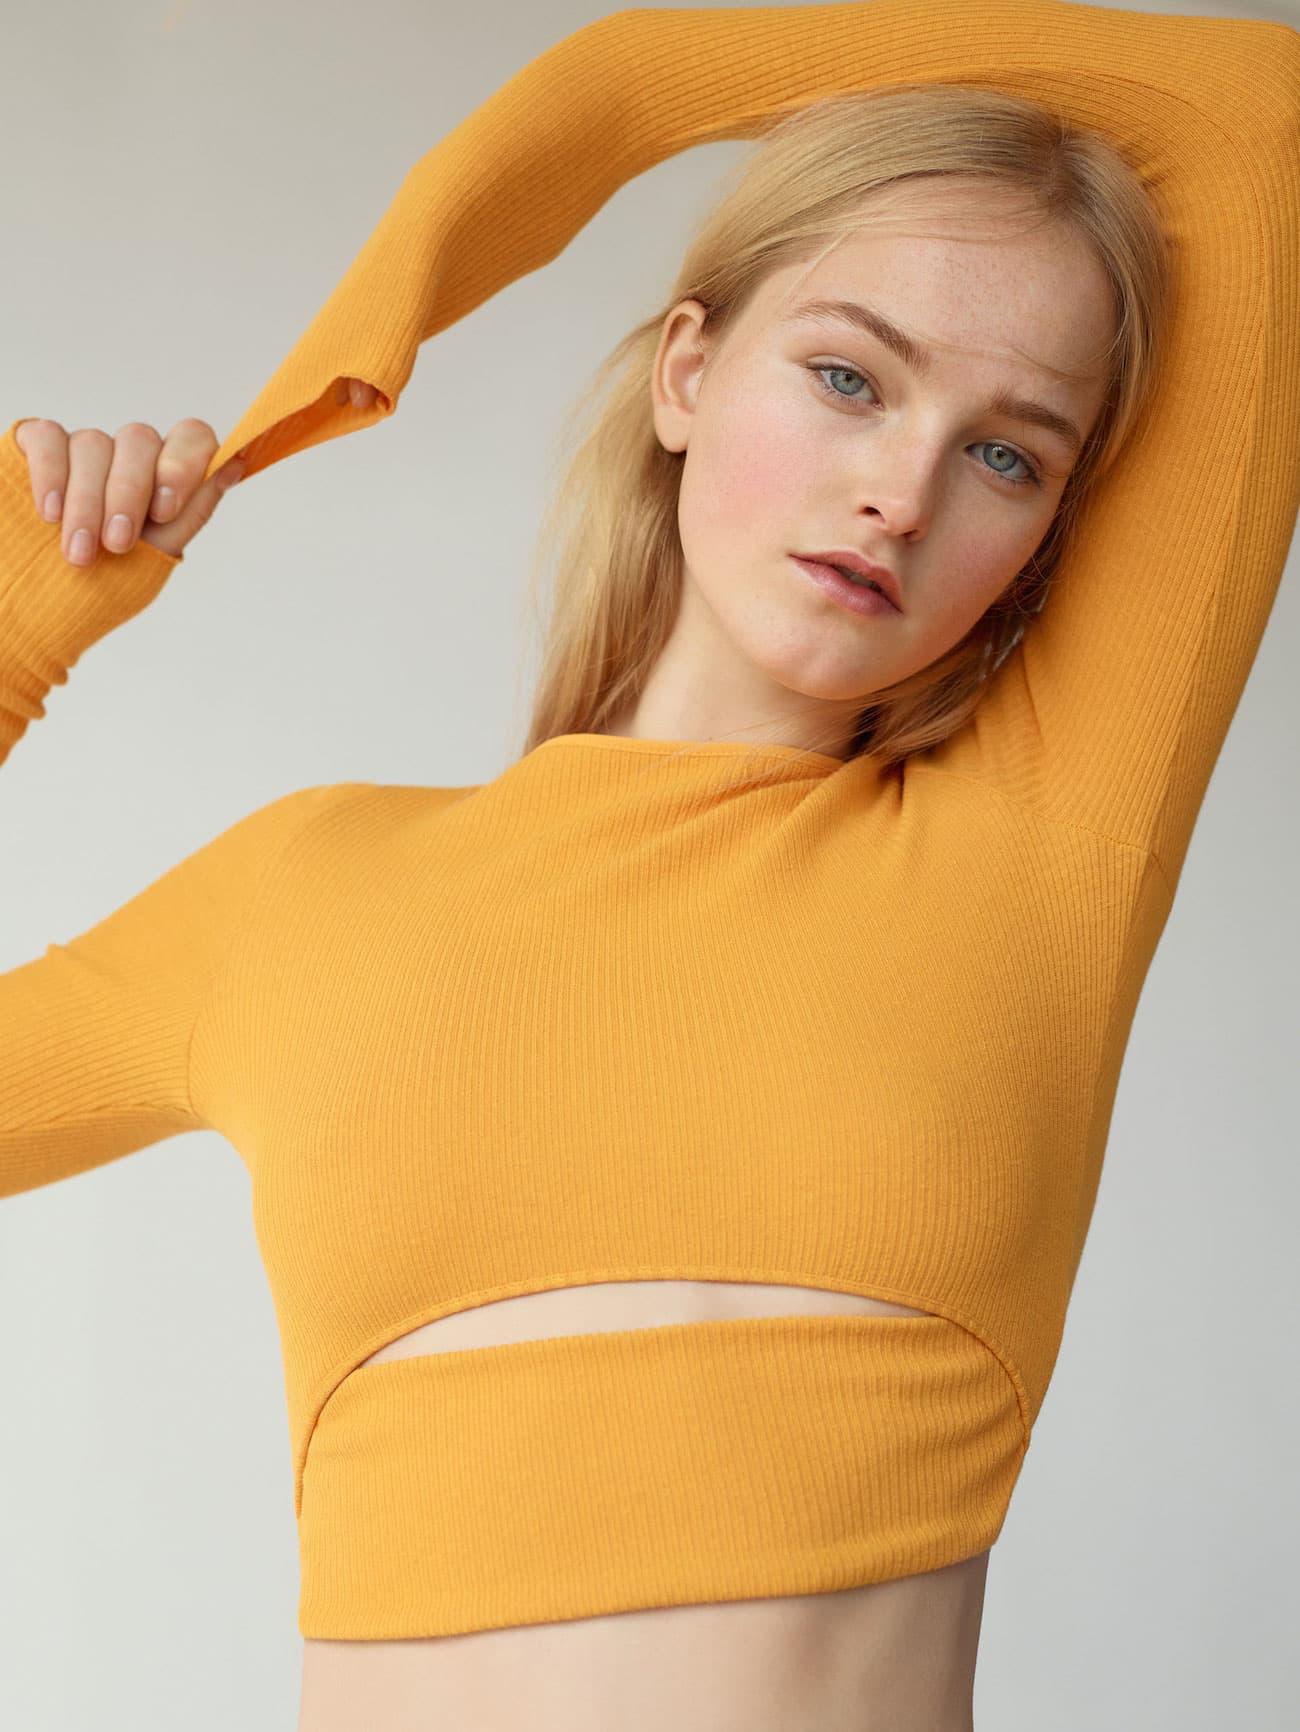 Zara Join life, la collezione che è un'apertura alla moda green